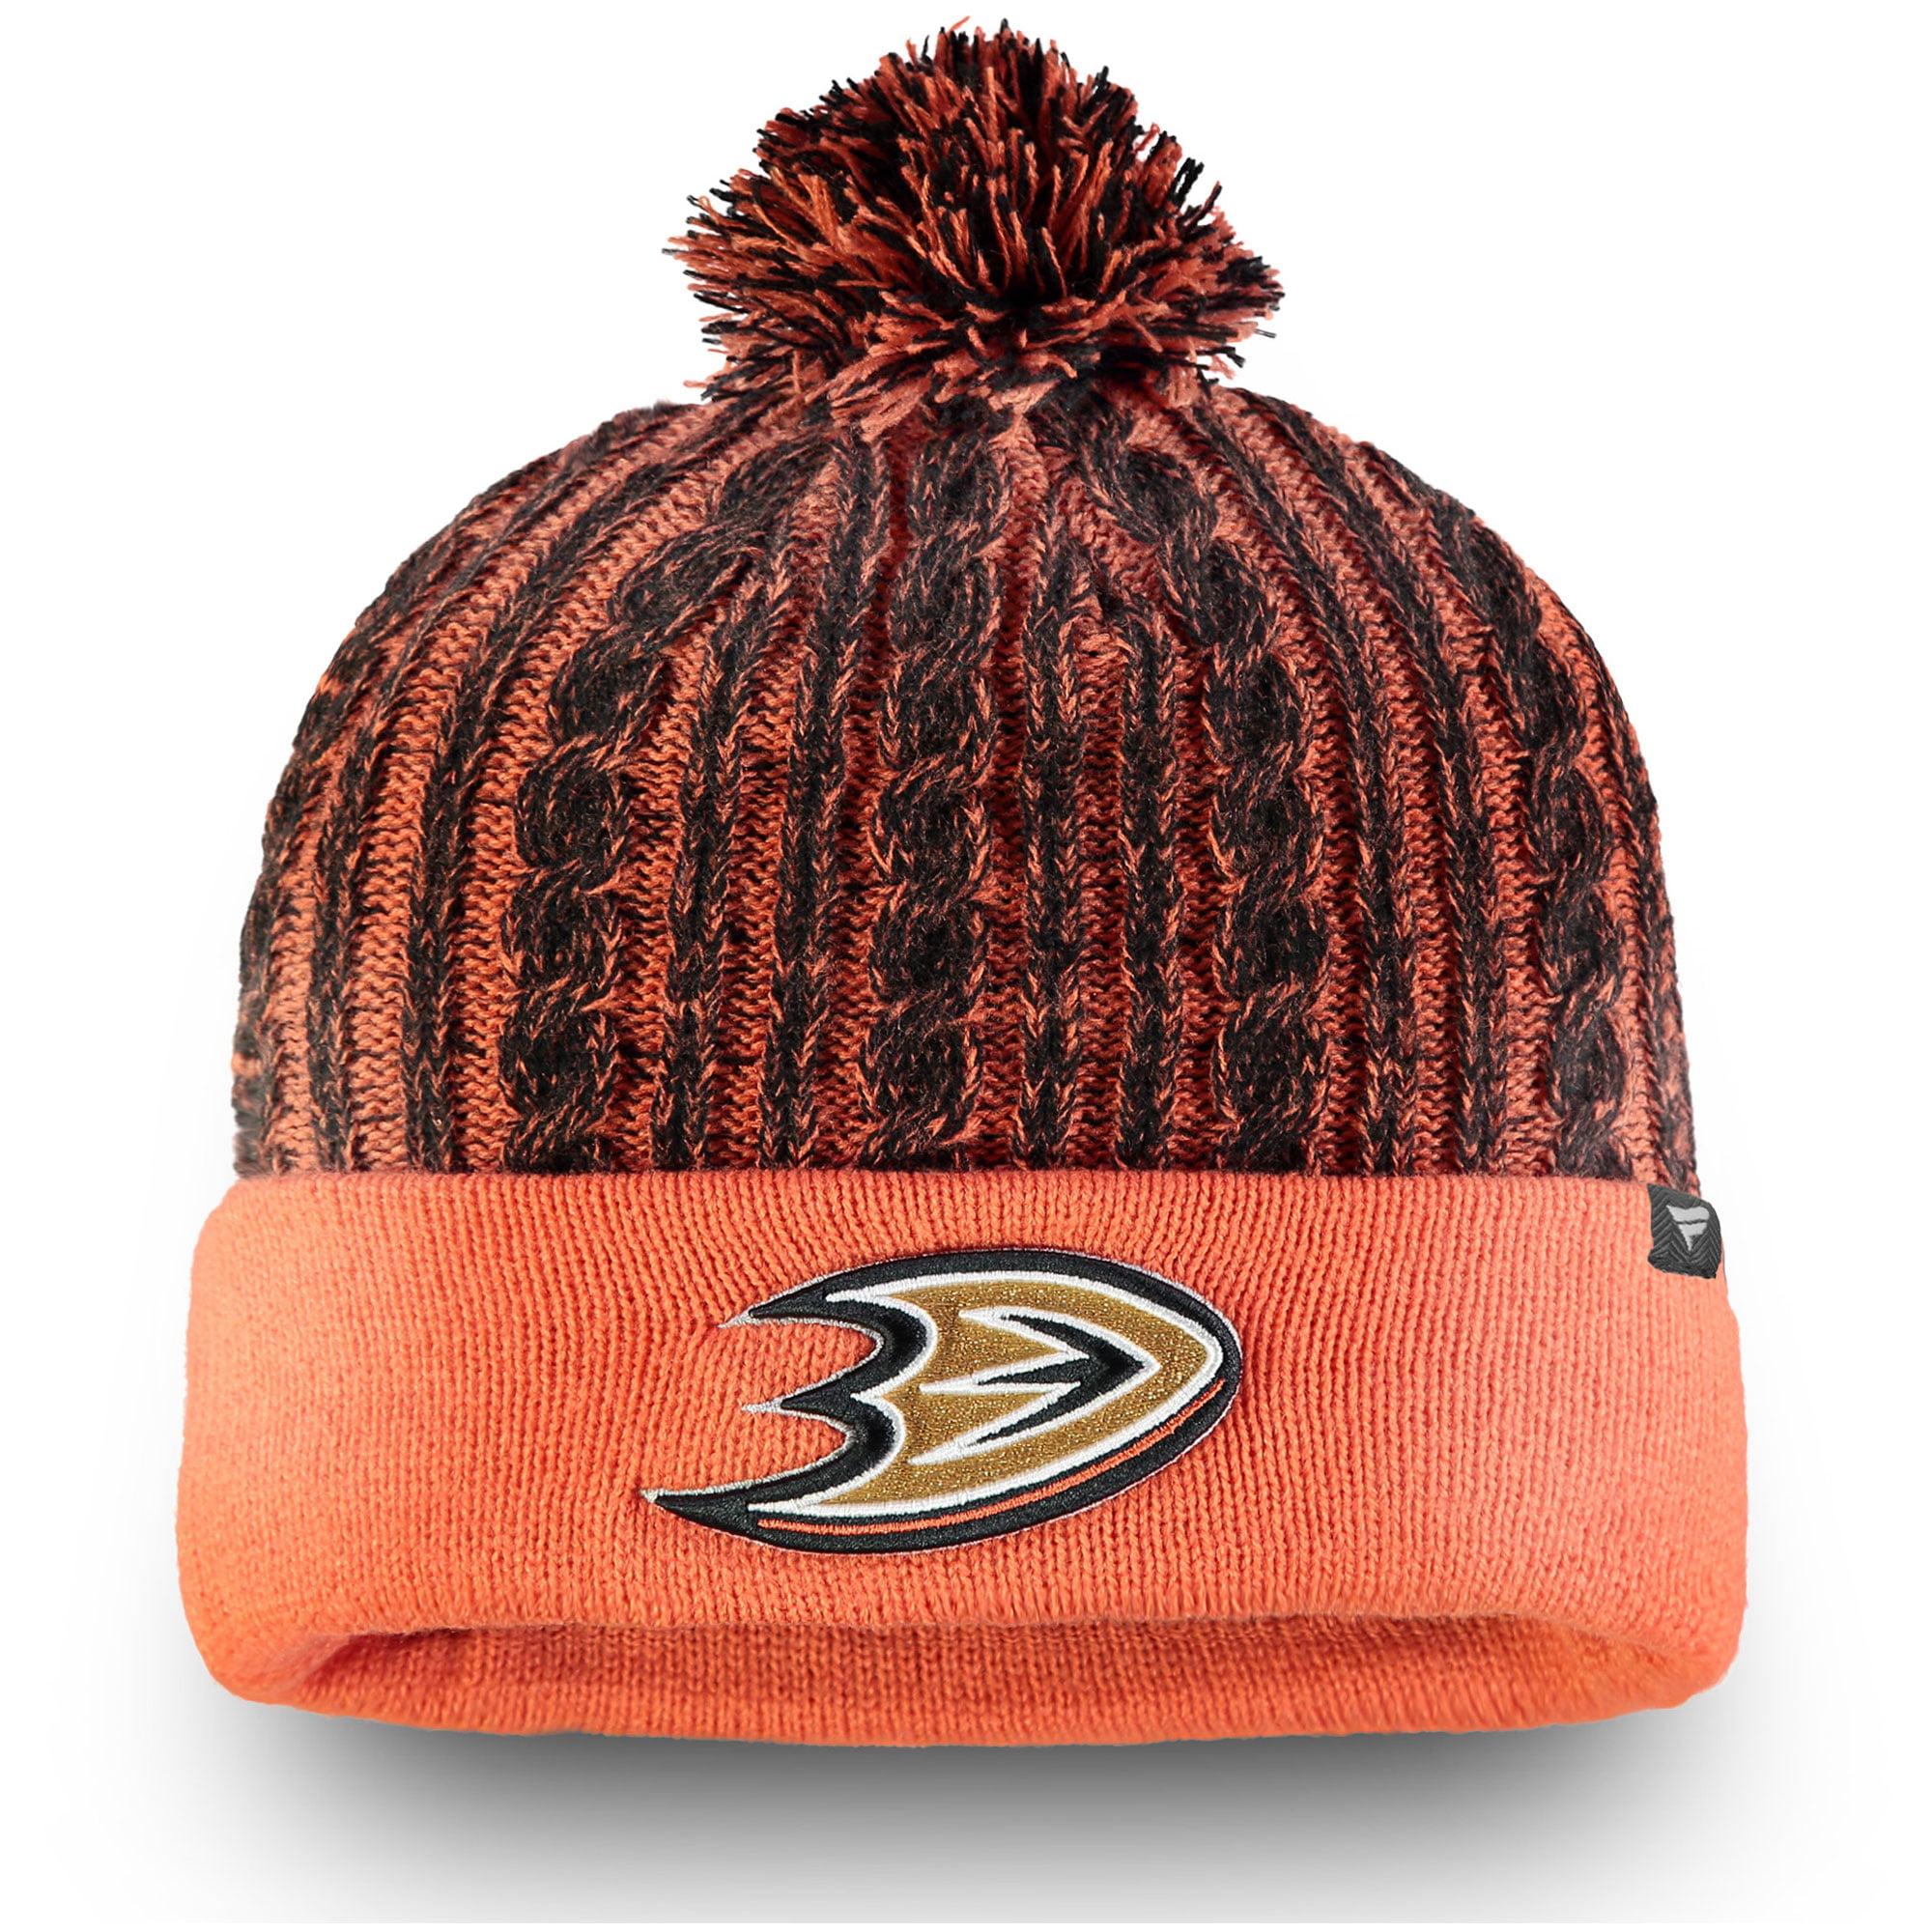 Anaheim Ducks Fanatics Branded Women's Iconic Ace Cuffed Knit Hat with Pom - Orange - OSFA